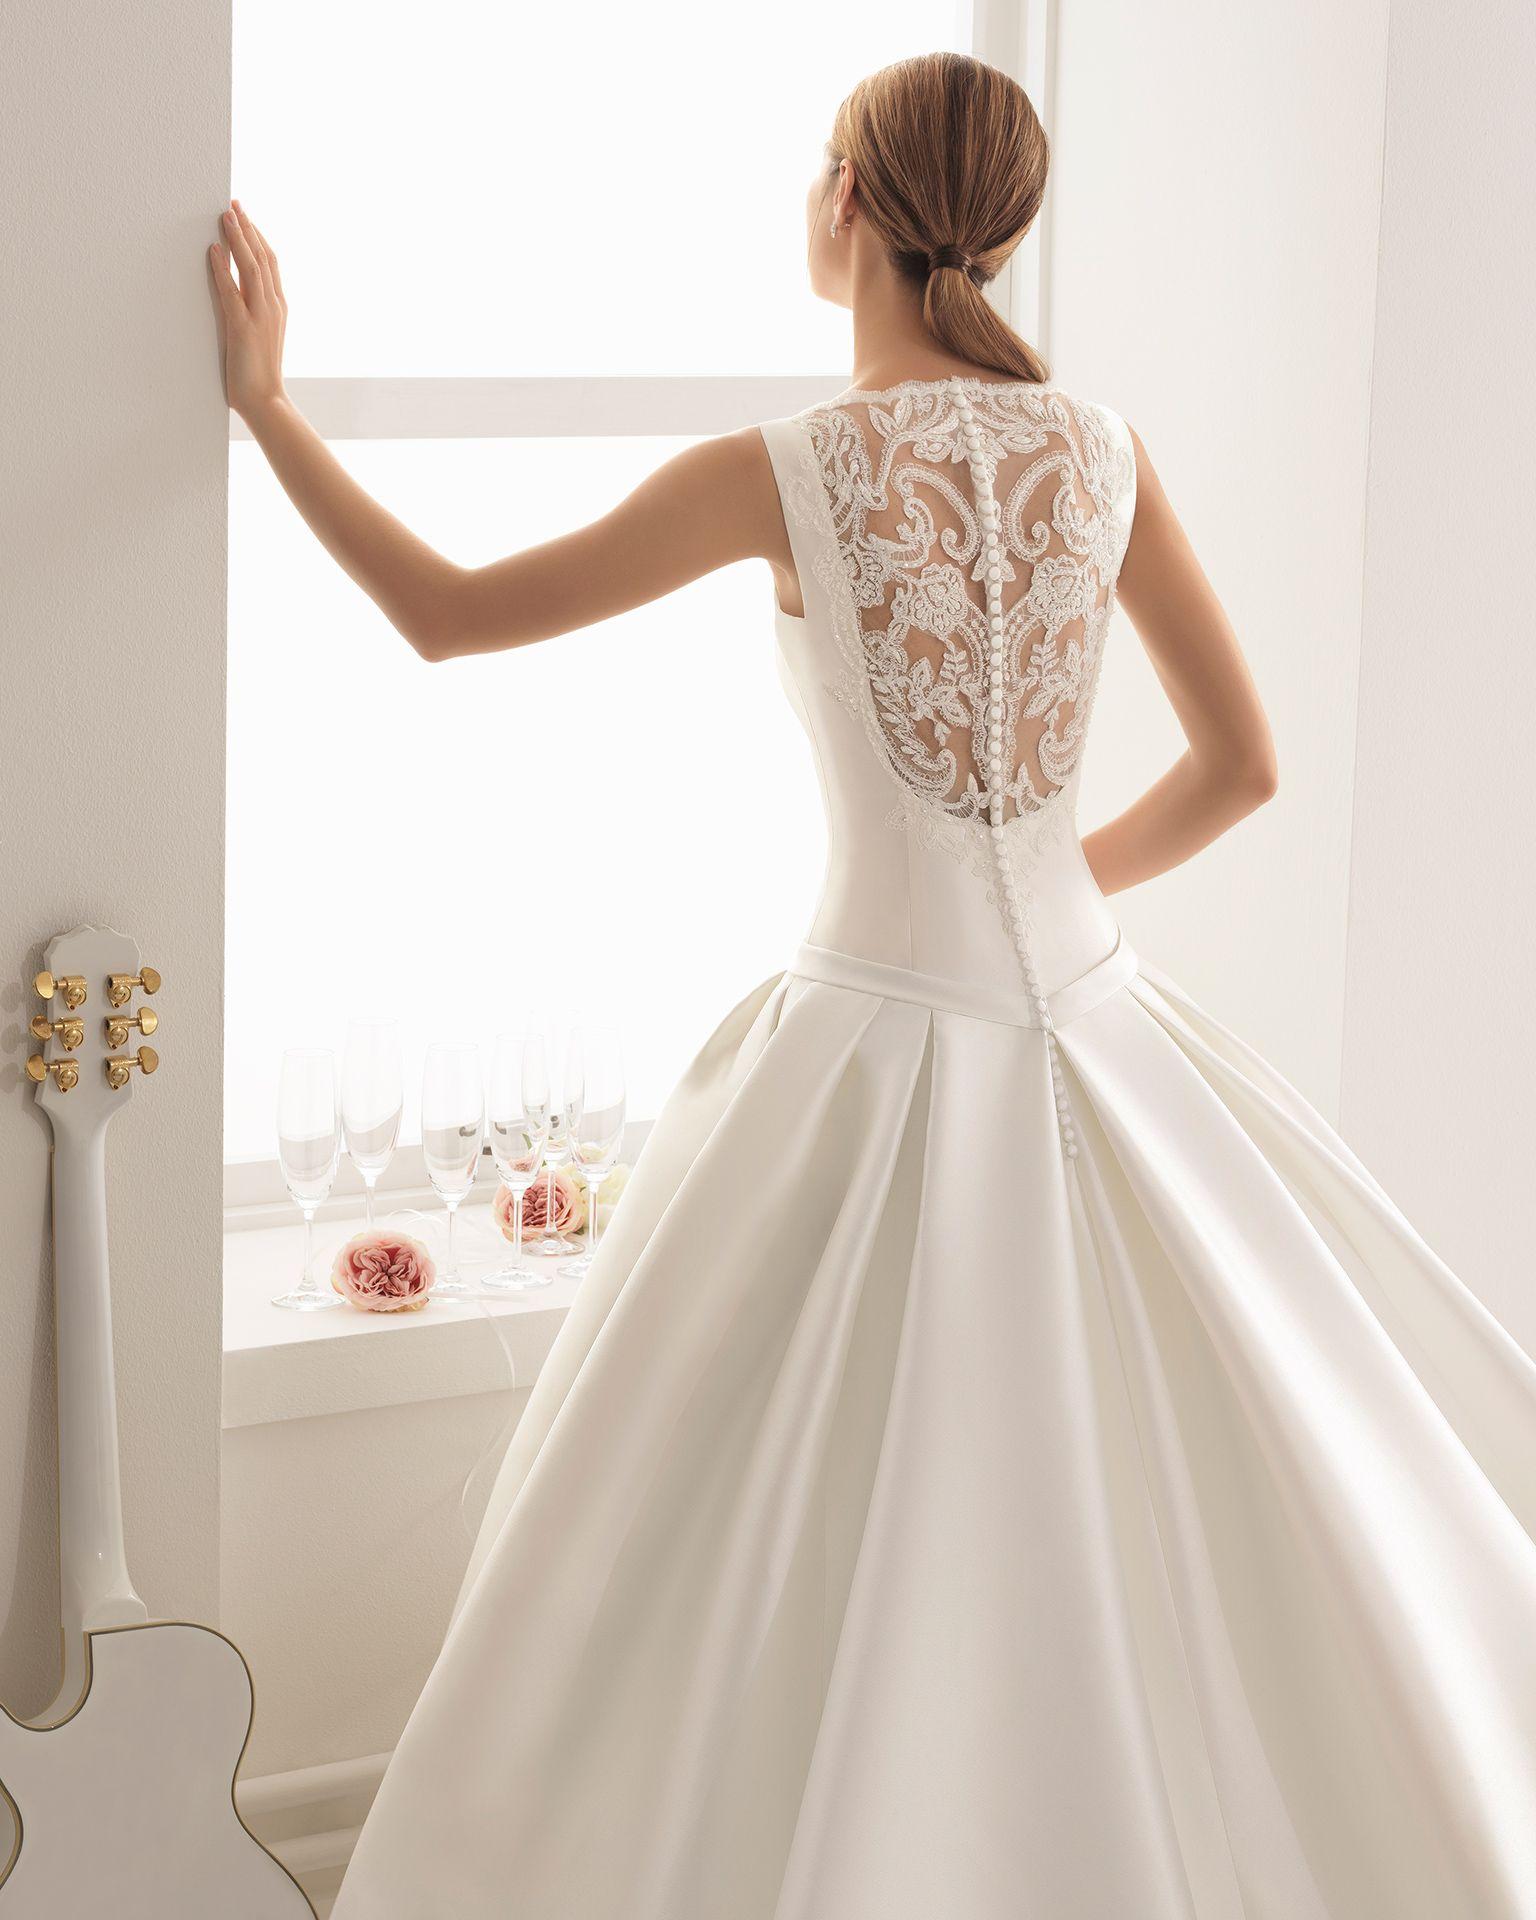 036f739bd Vestido de novia - Novias Rivoli - Logroño. Colección Aire 2018. Detalle  espalda con transparencias y pedrería crean este diseño único.